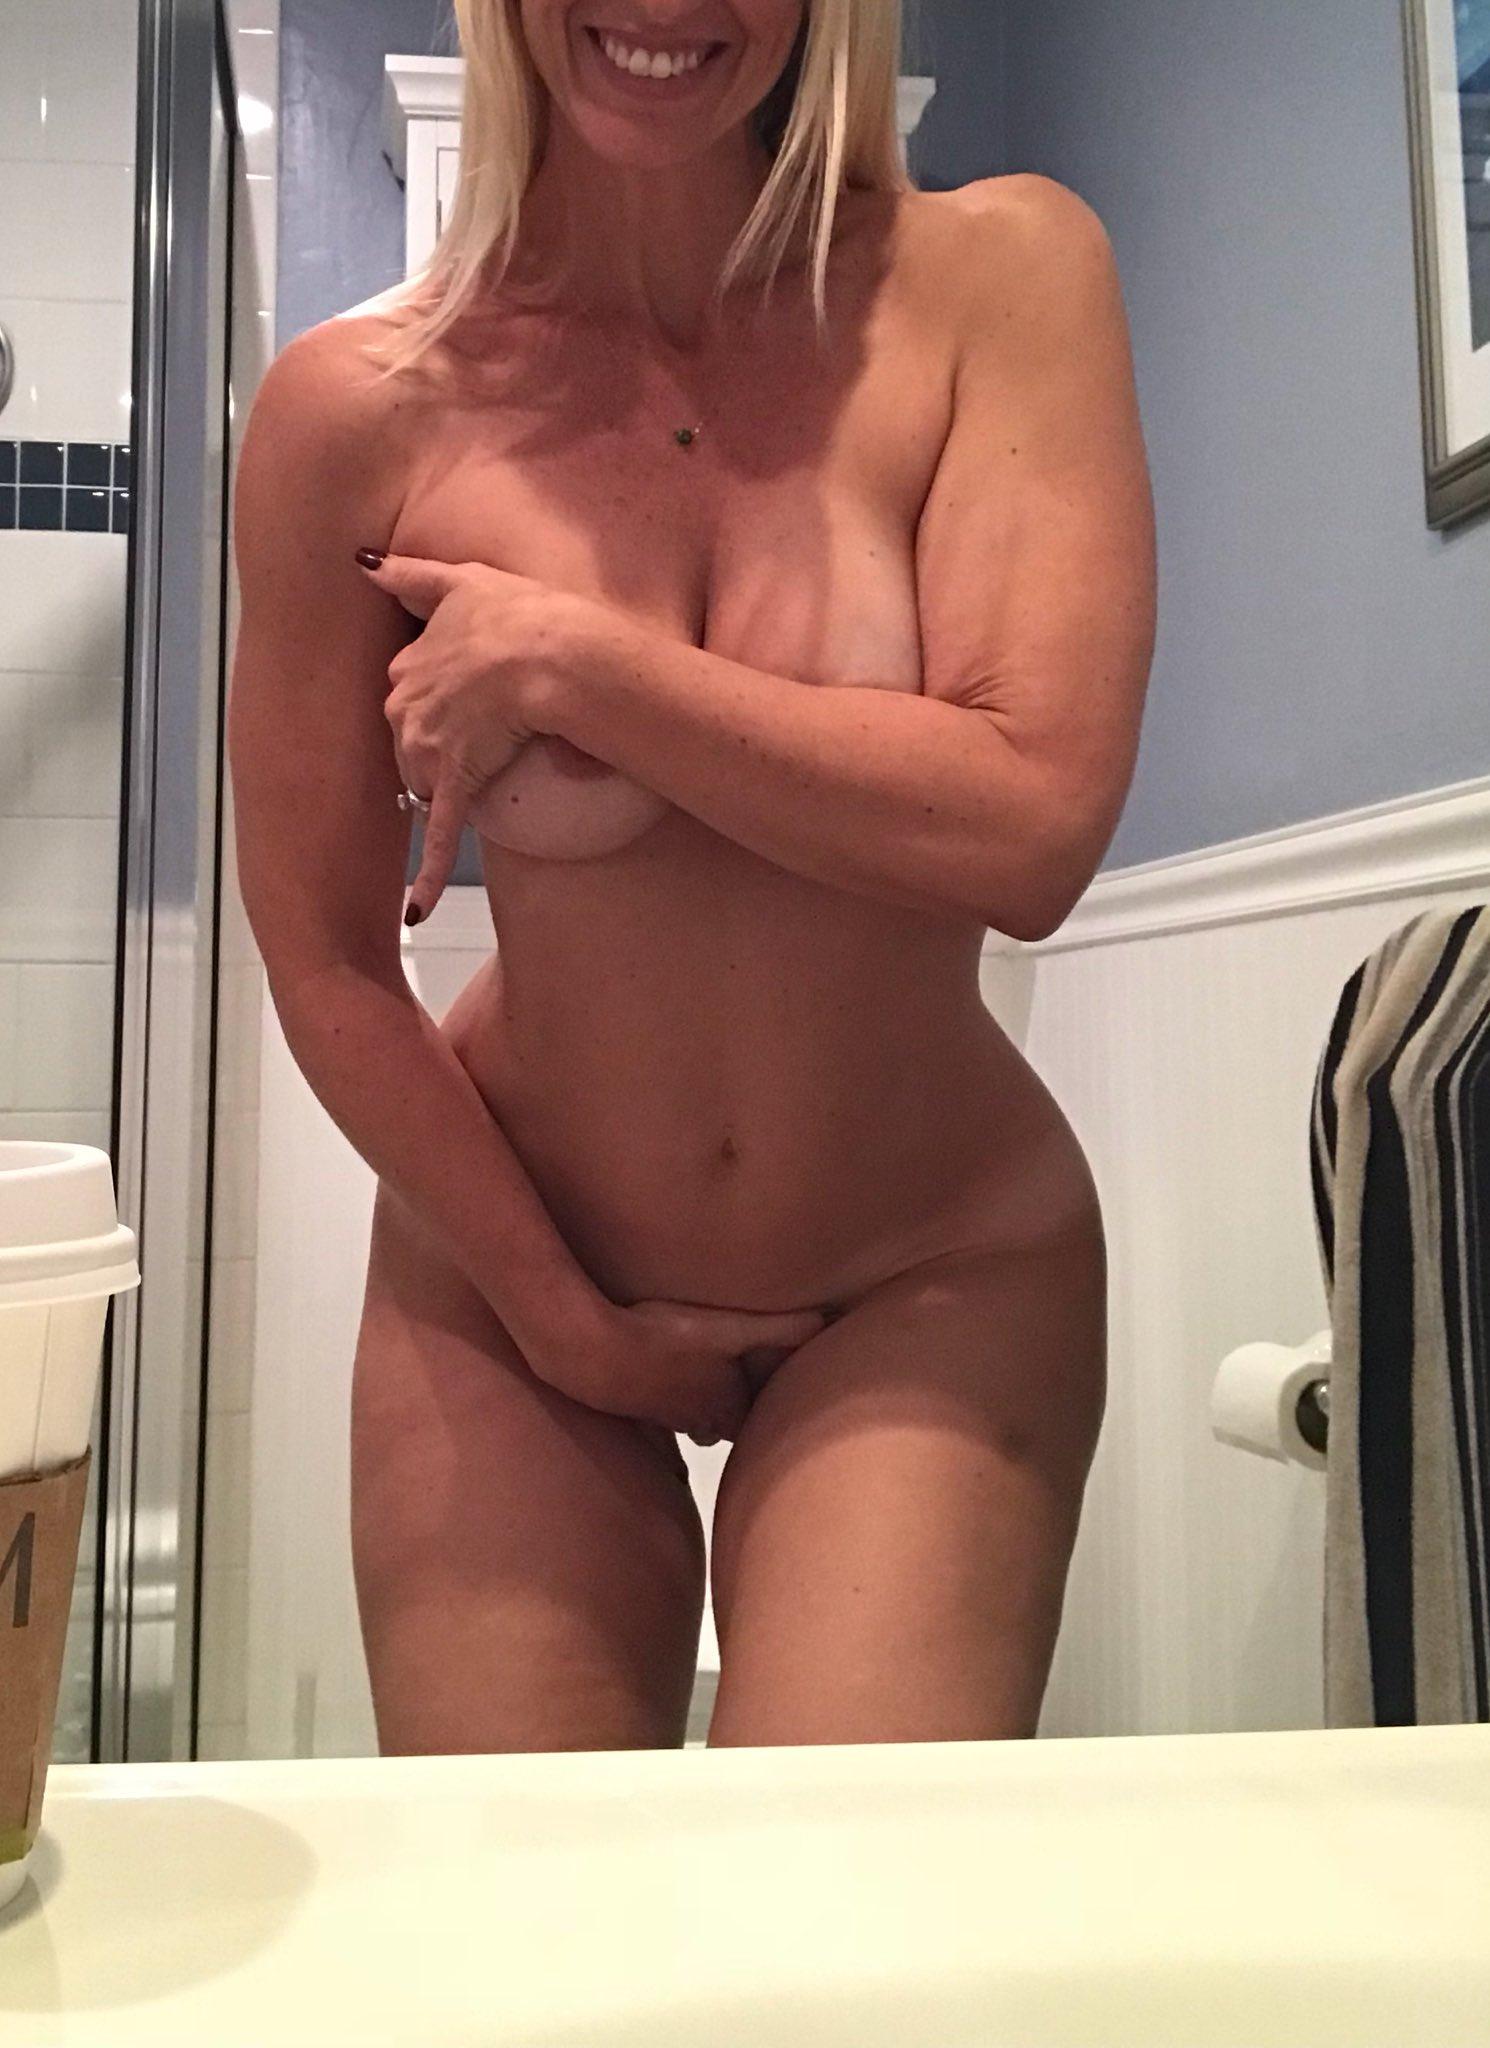 Hot Huge Fake Tits Blonde Milf Selfie Gallery  Milf Update-8767